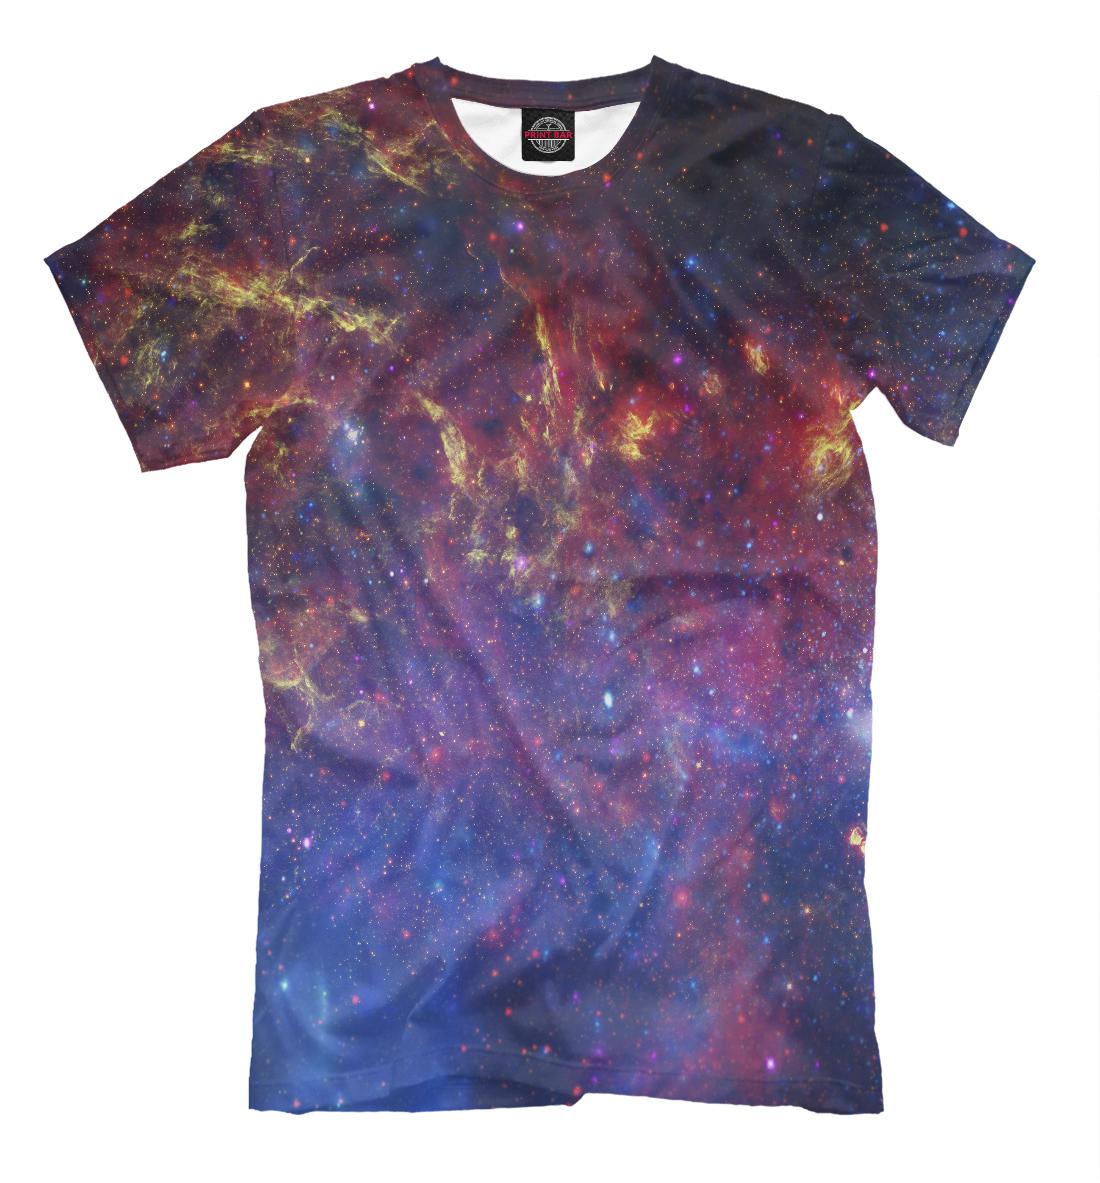 Картинки космос на футболку